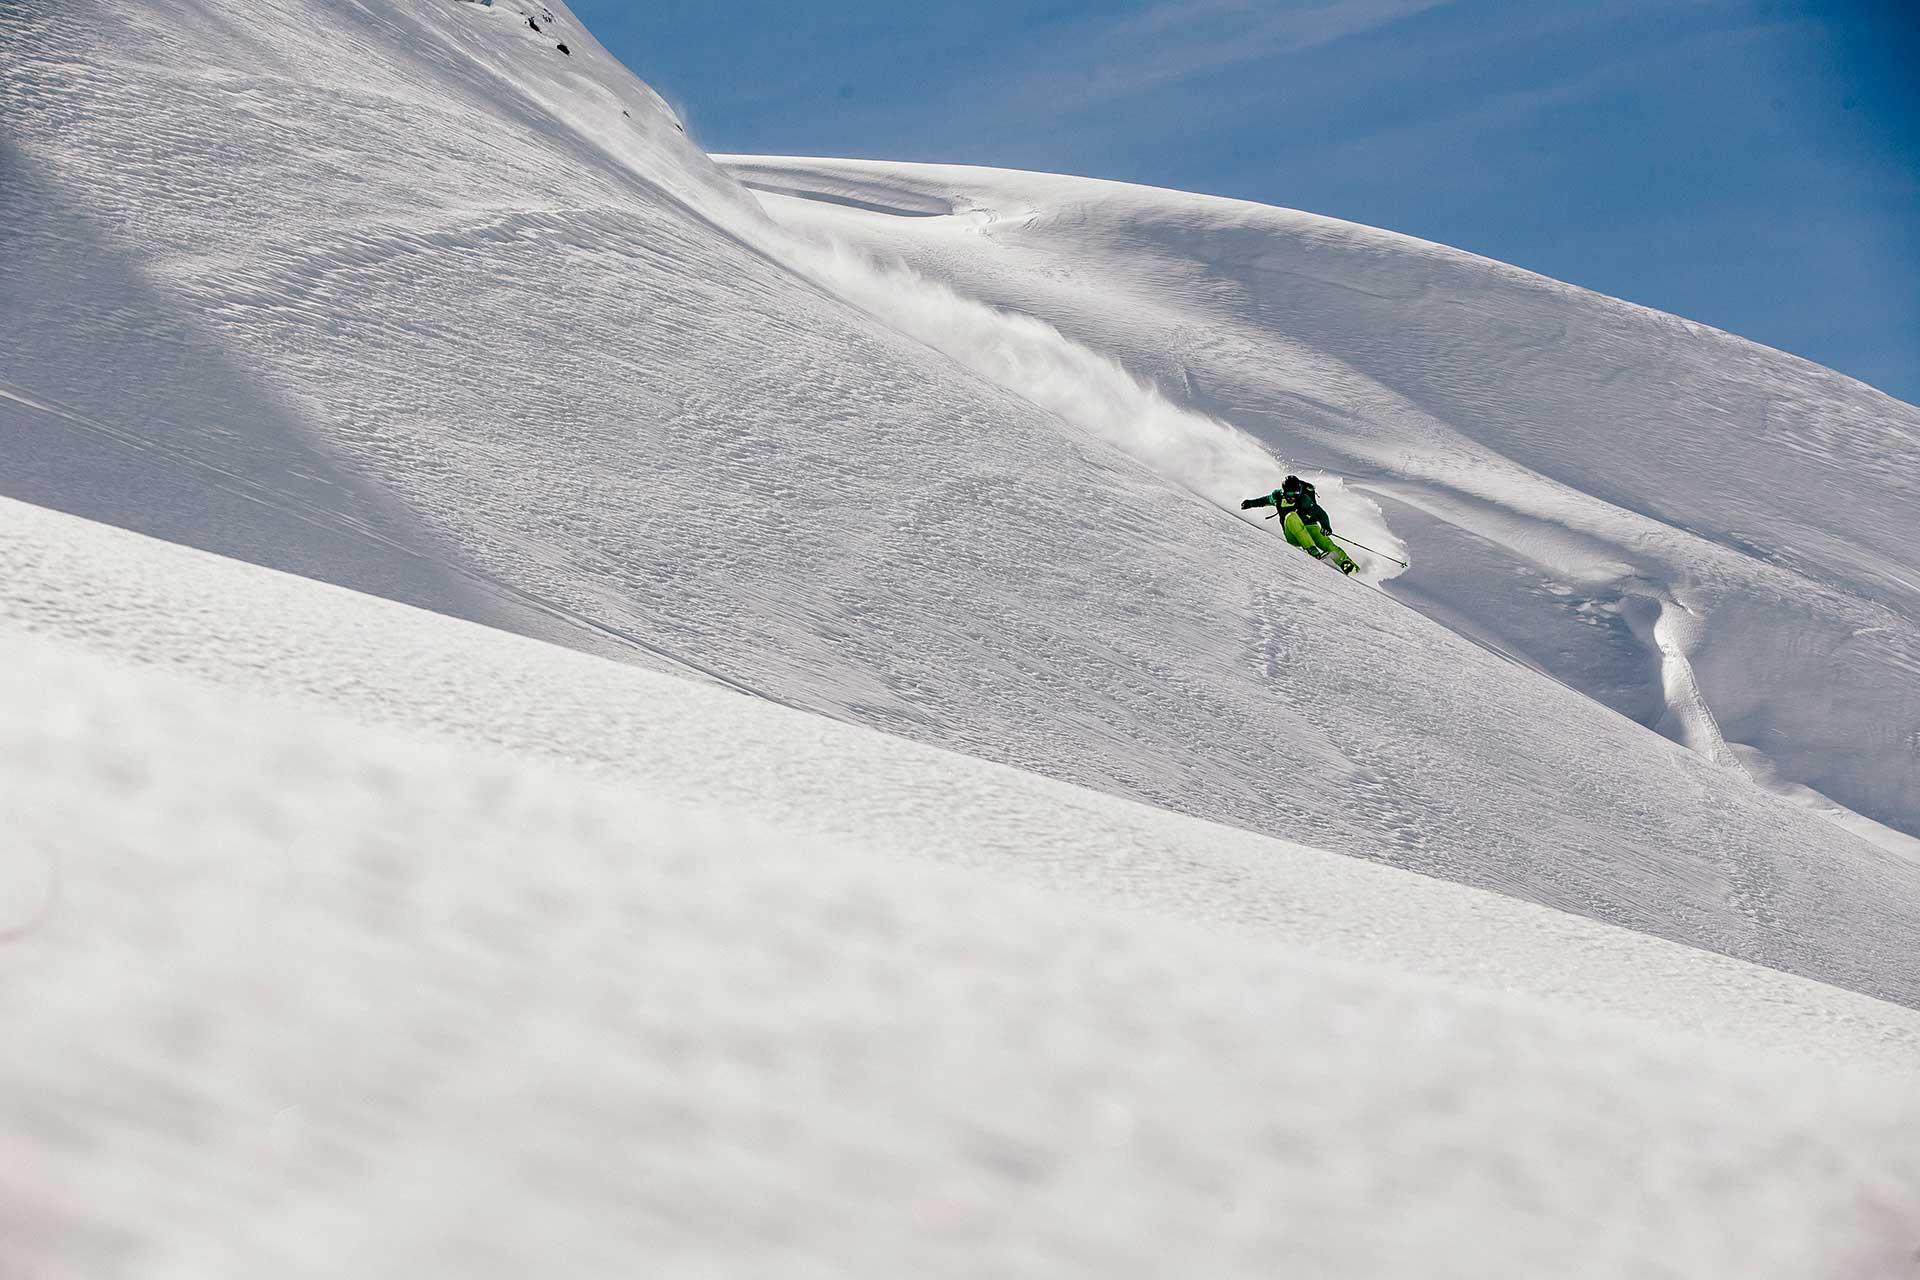 Fotoproduktion Winter Schnee Ski Outdoor Fotograf Michael Müller München